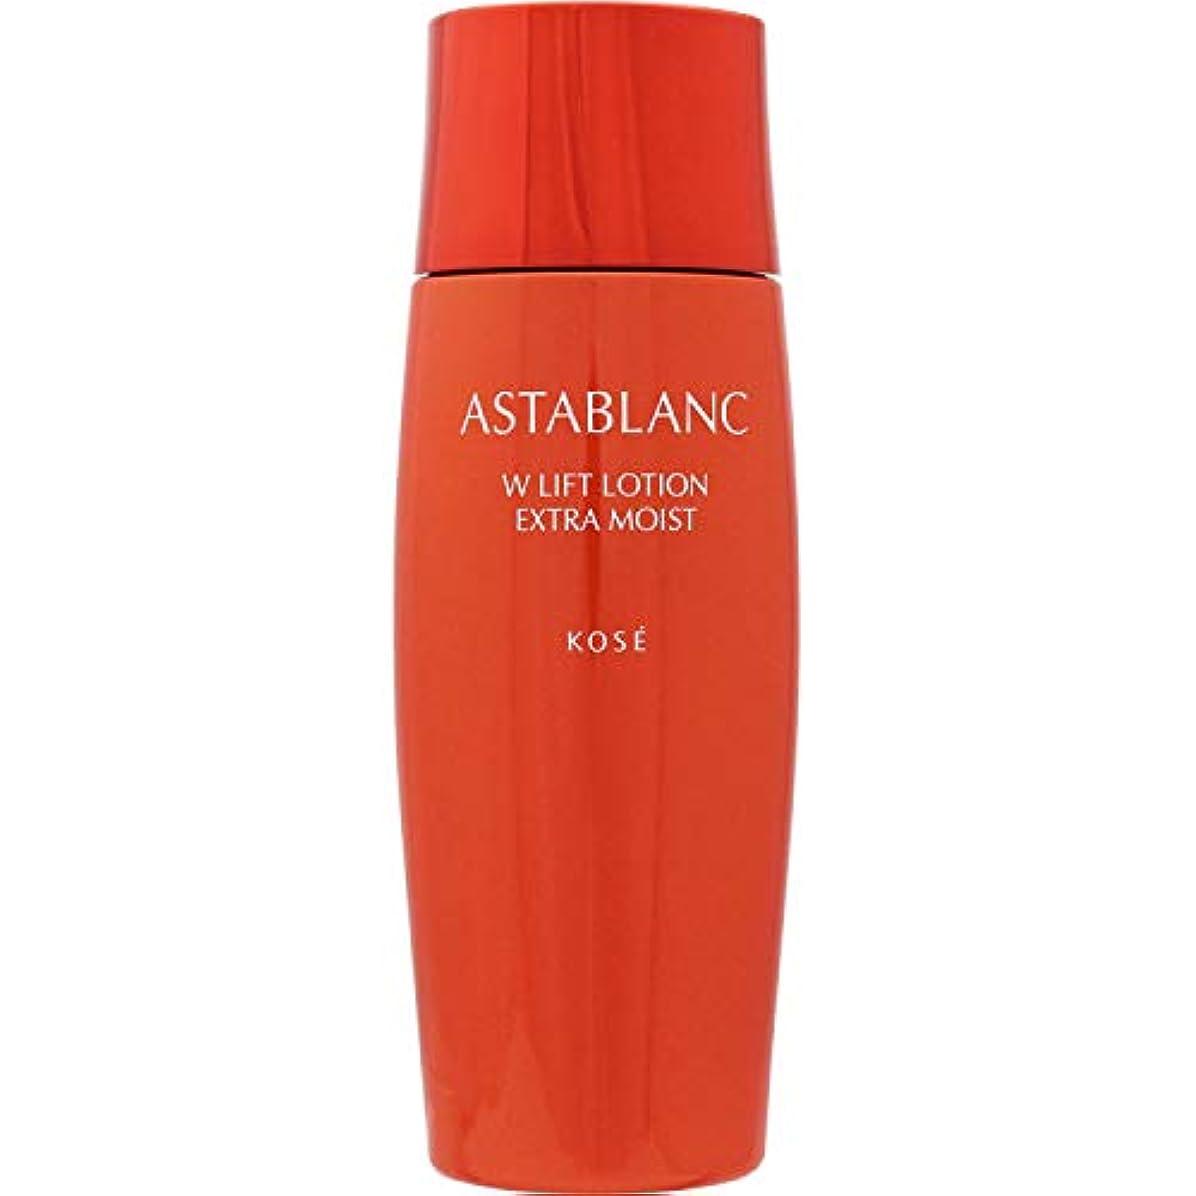 大使オンチャンピオンシップASTABLANC(アスタブラン) アスタブラン Wリフト ローション とてもしっとり 化粧水 140mL